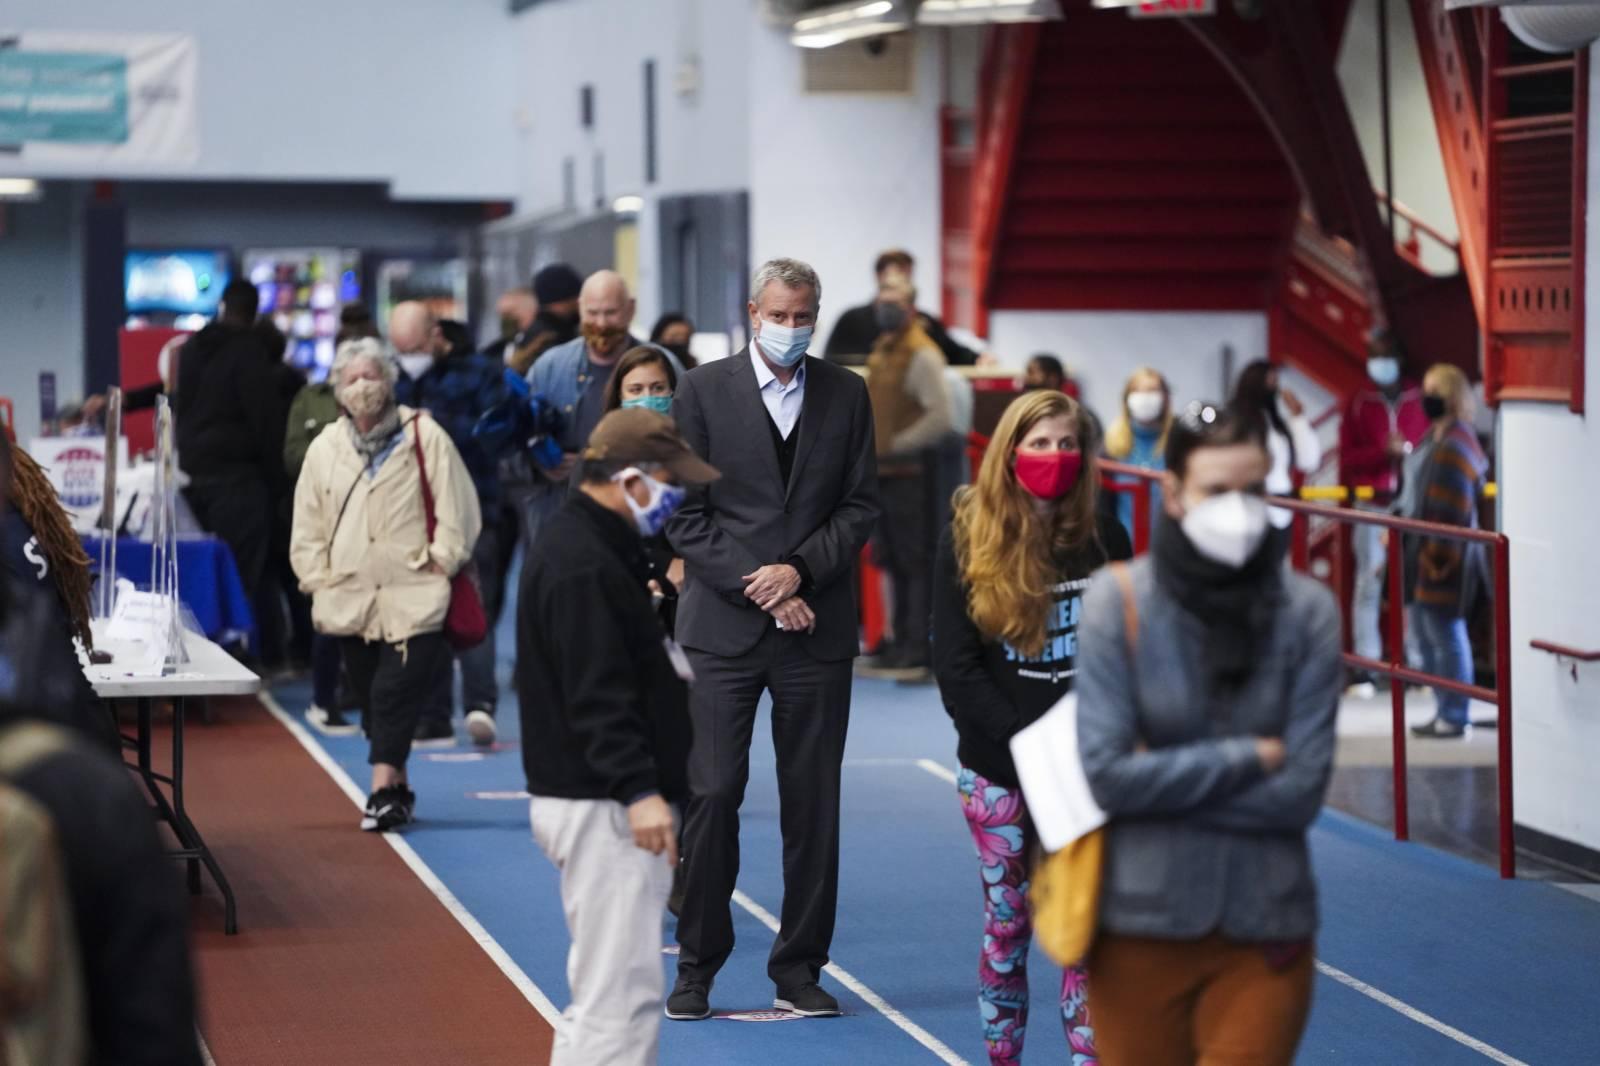 紐約市長排隊超三小時參加提前投票,呼籲減少投票等待時間。